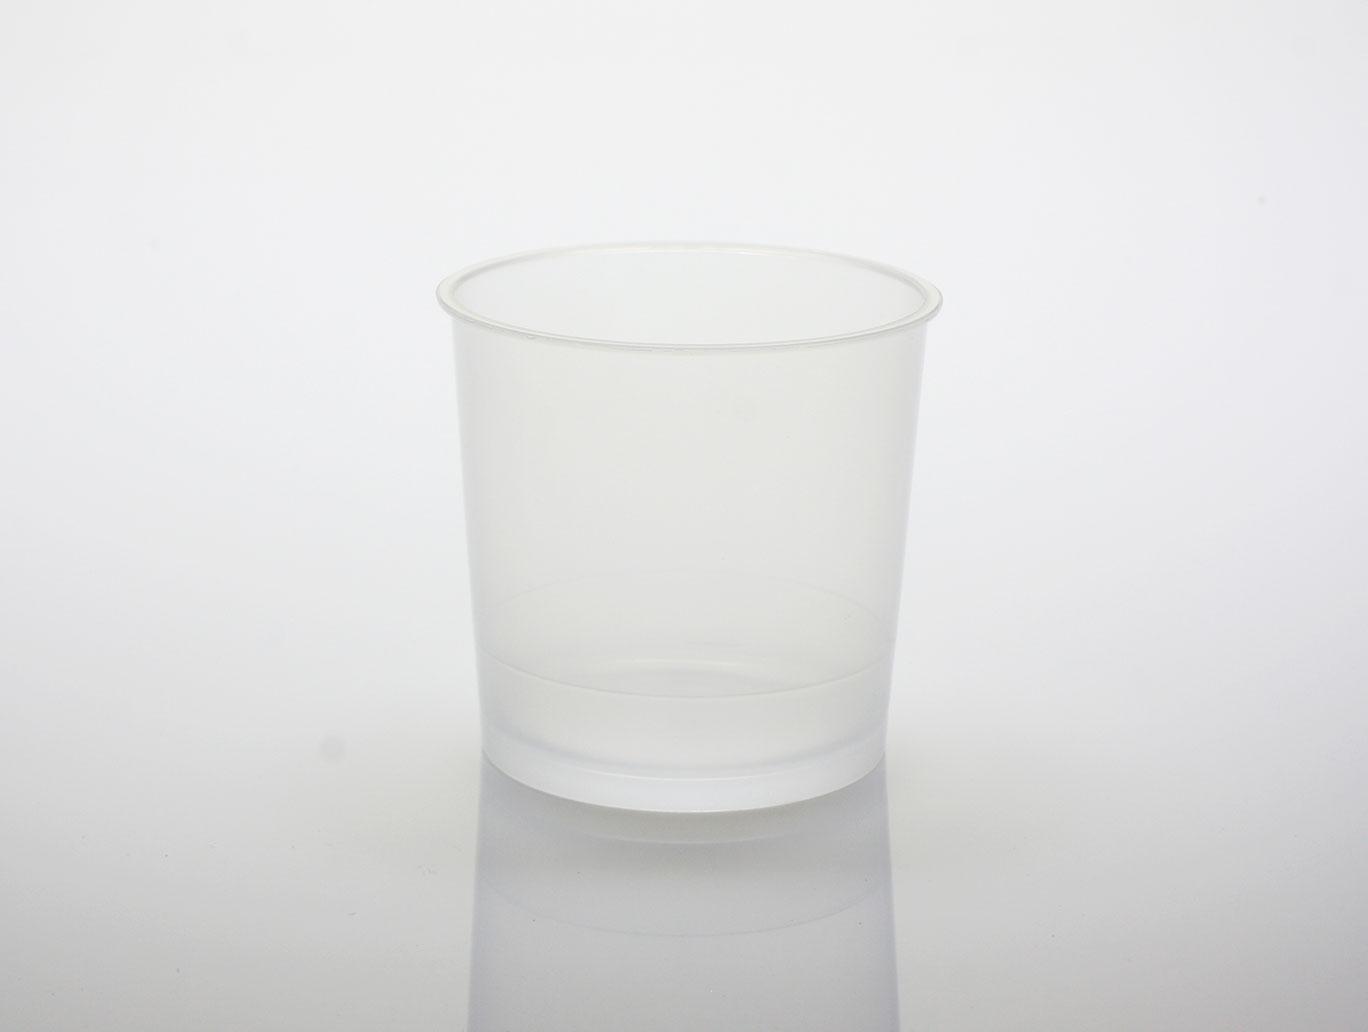 【BS63】布丁燒、布丁杯、烤布丁、PP杯、耐熱杯、耐烤杯、奶酪杯、佰勳杯(20個+蓋)